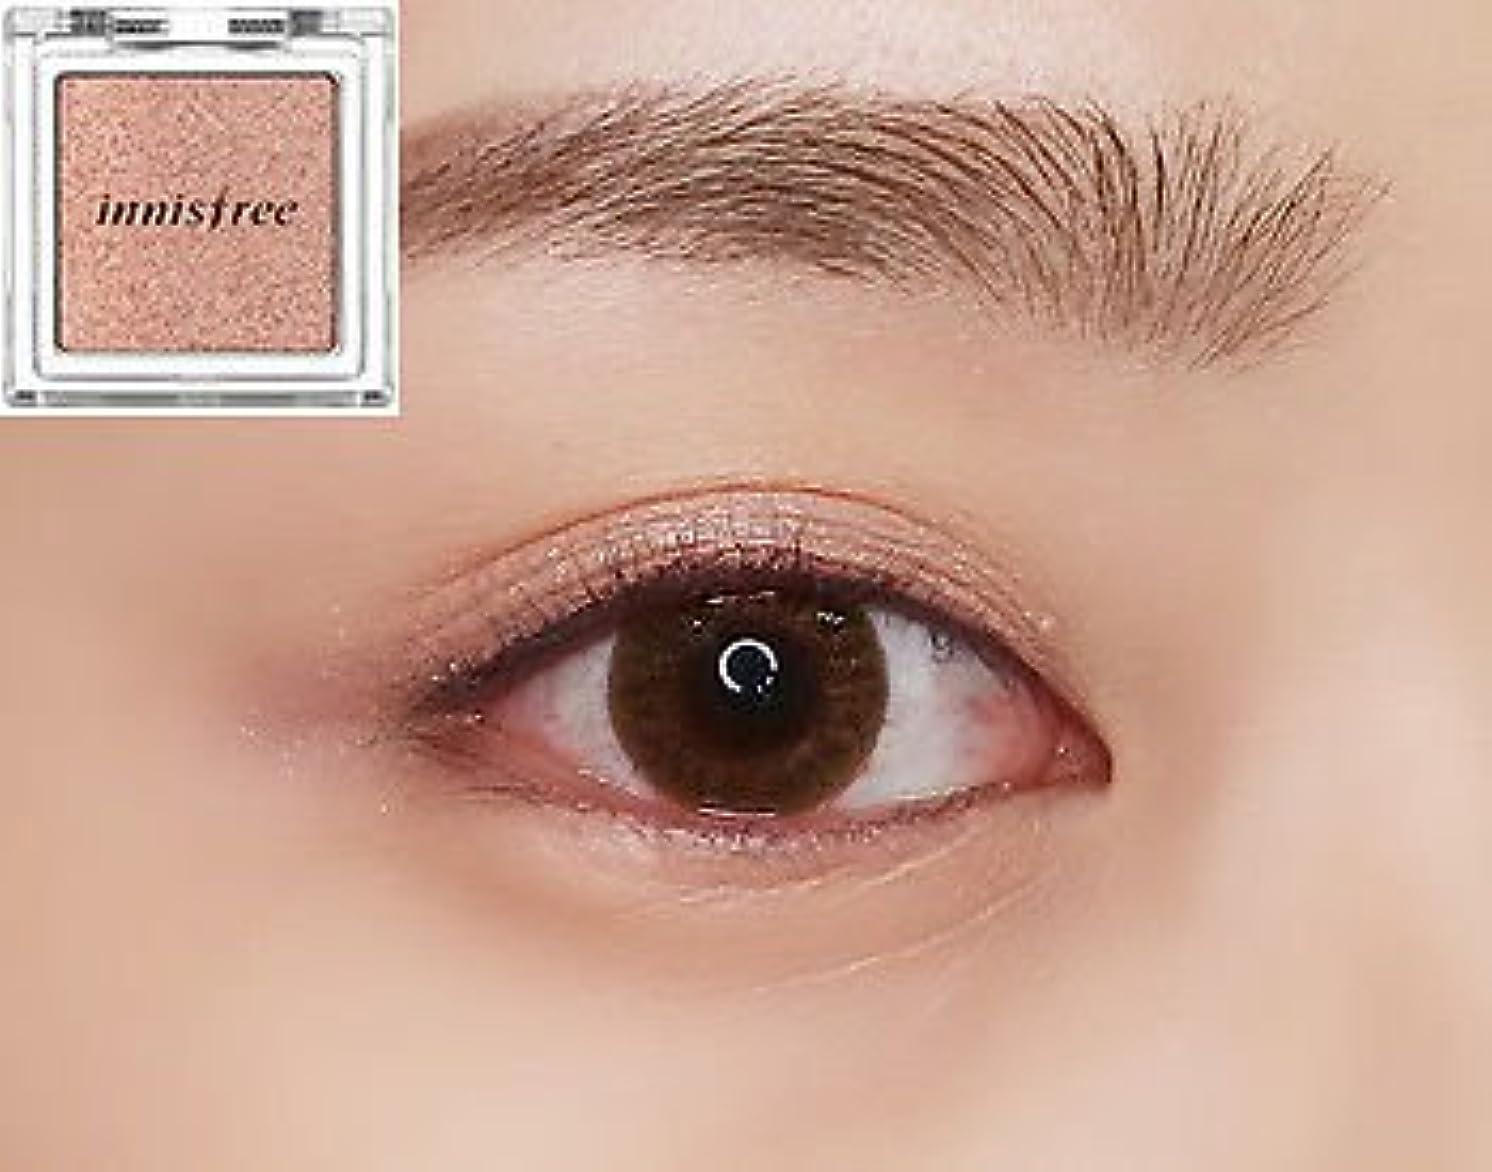 盲目エスカレートストレスの多い[イニスフリー] innisfree [マイ パレット マイ アイシャドウ (グリッタ一) 25カラー] MY PALETTE My Eyeshadow (Glitter) 25 Shades [海外直送品] (グリッタ一 #11)